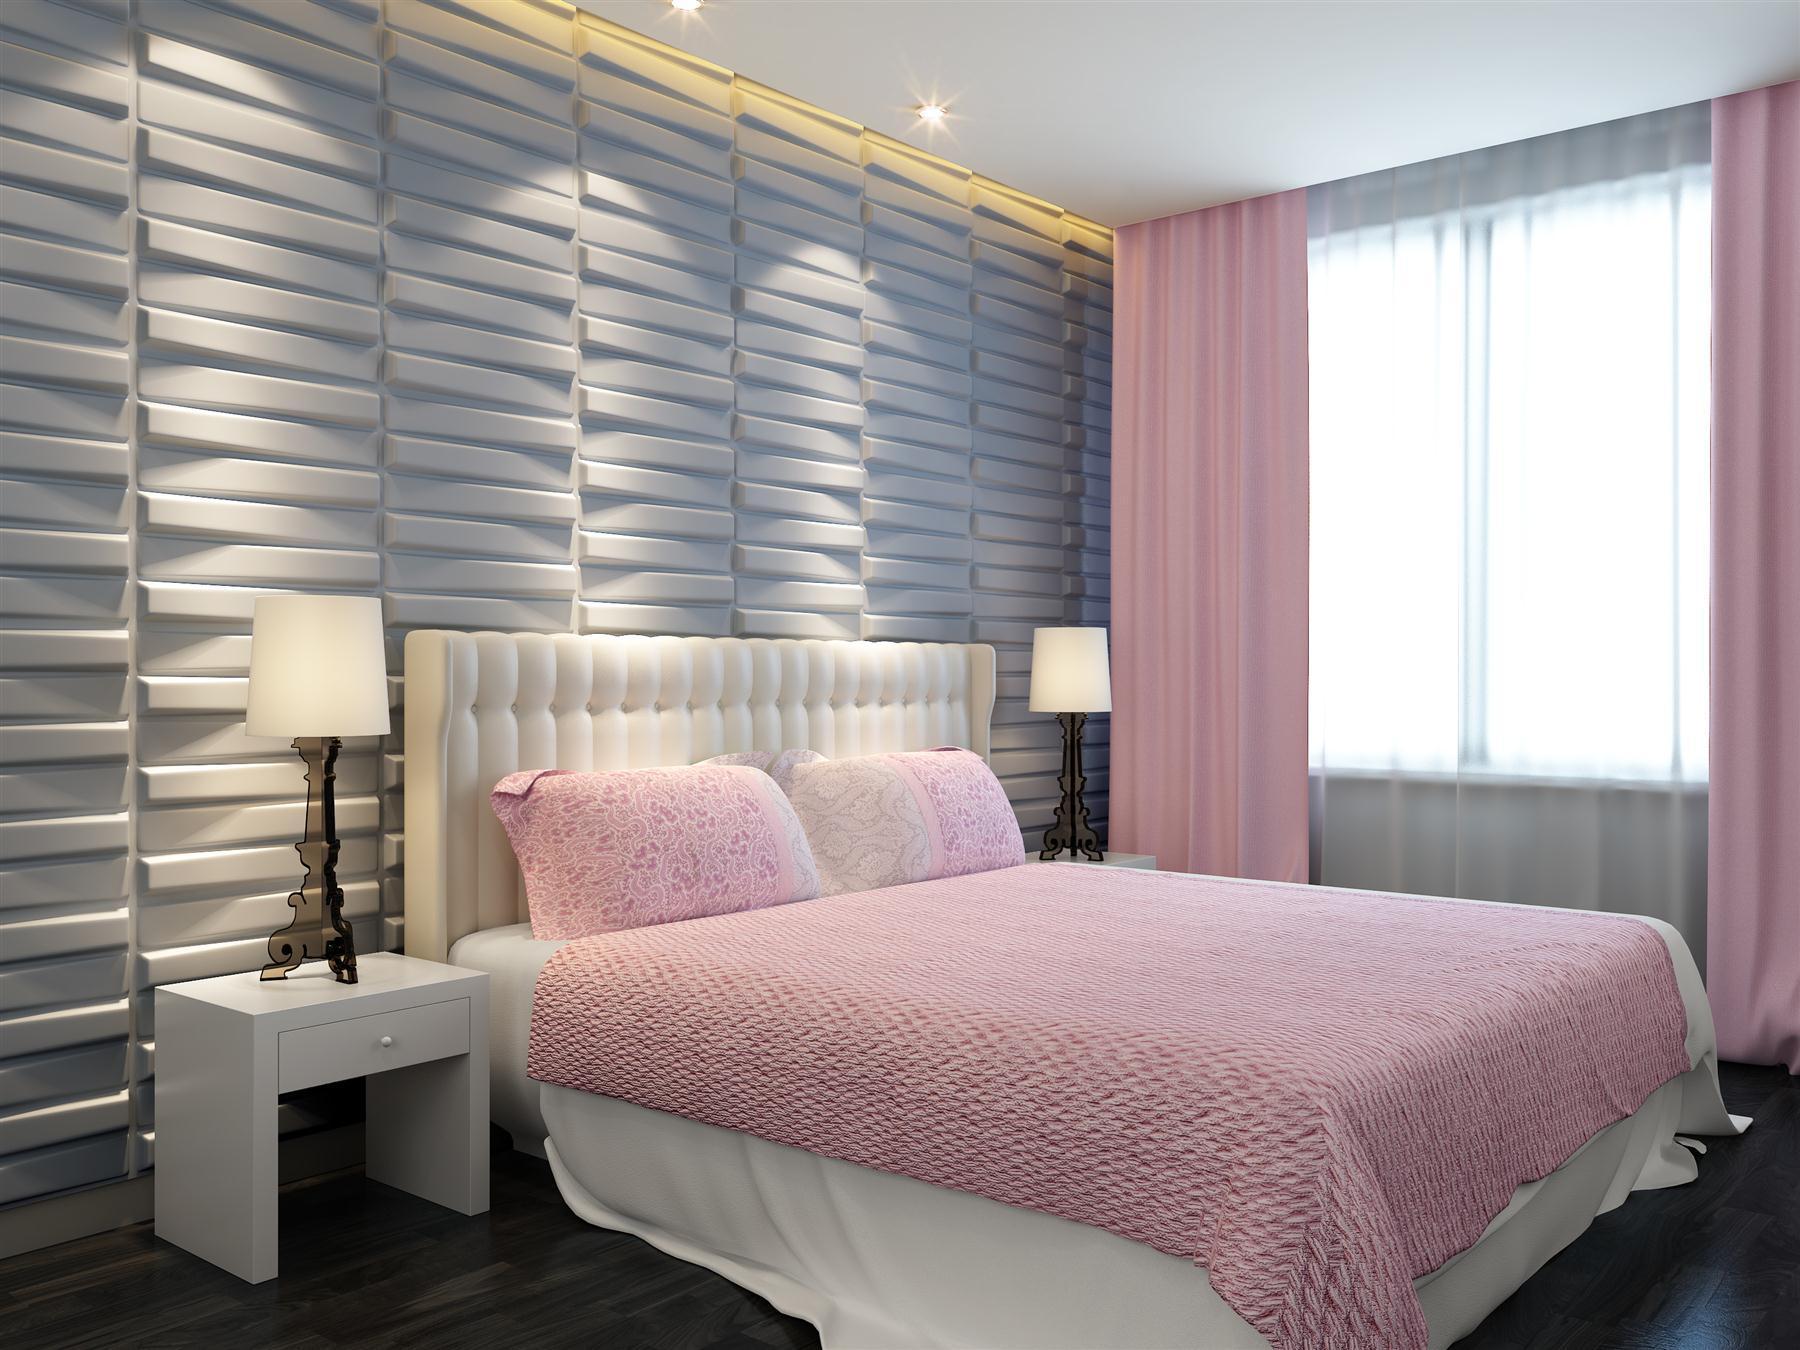 Modern bed sheet texture - Modern Bed Sheet Design Texture Images Hdimagelib